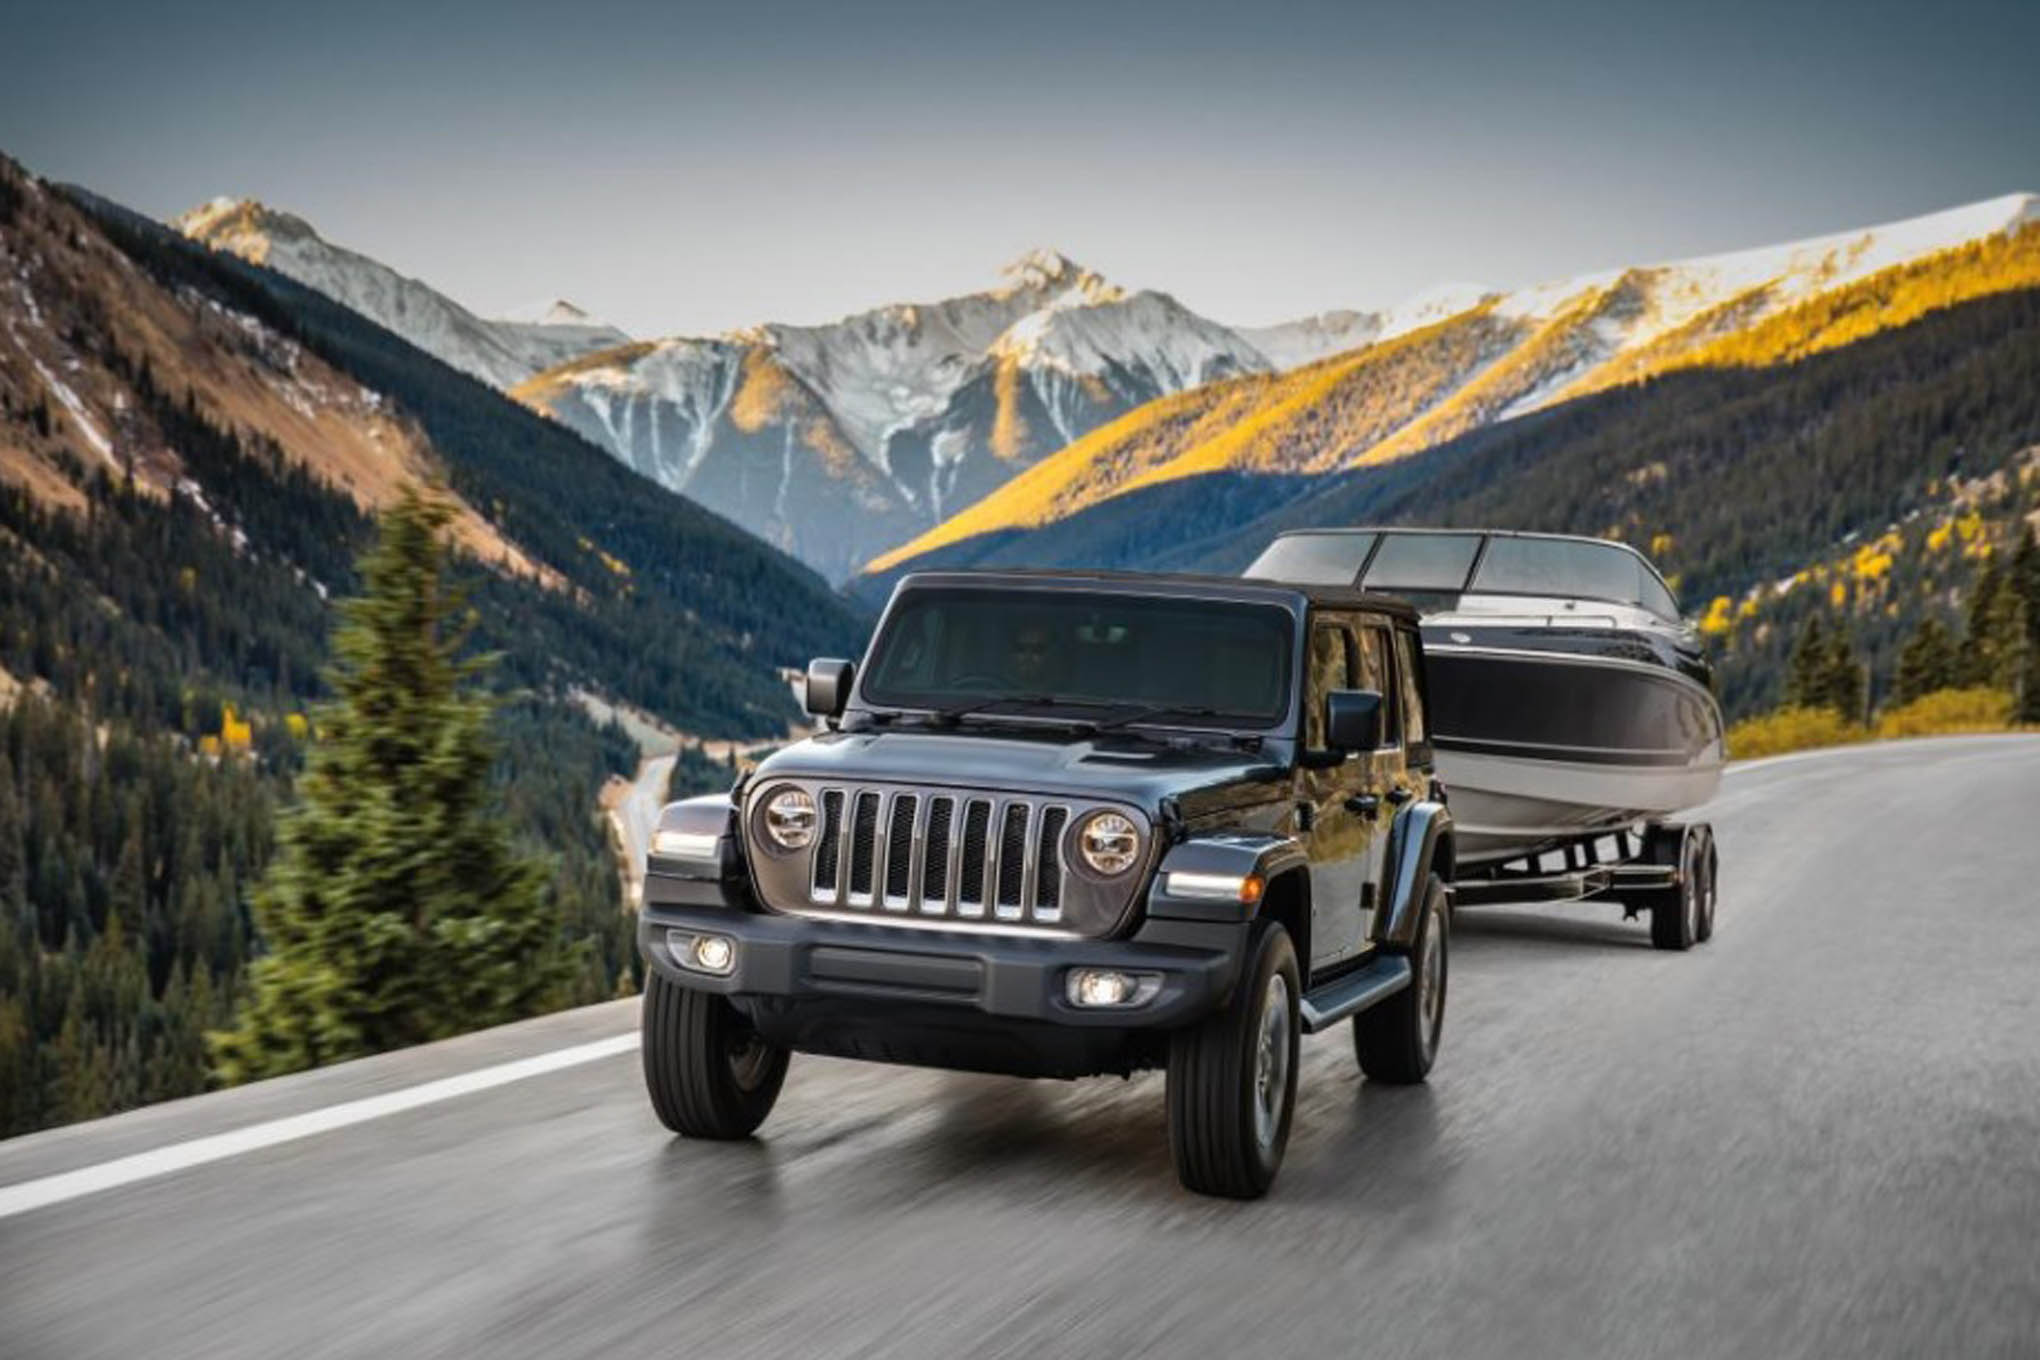 '21 Ford Bronco vs. '20 Jeep Wrangler Rubicon